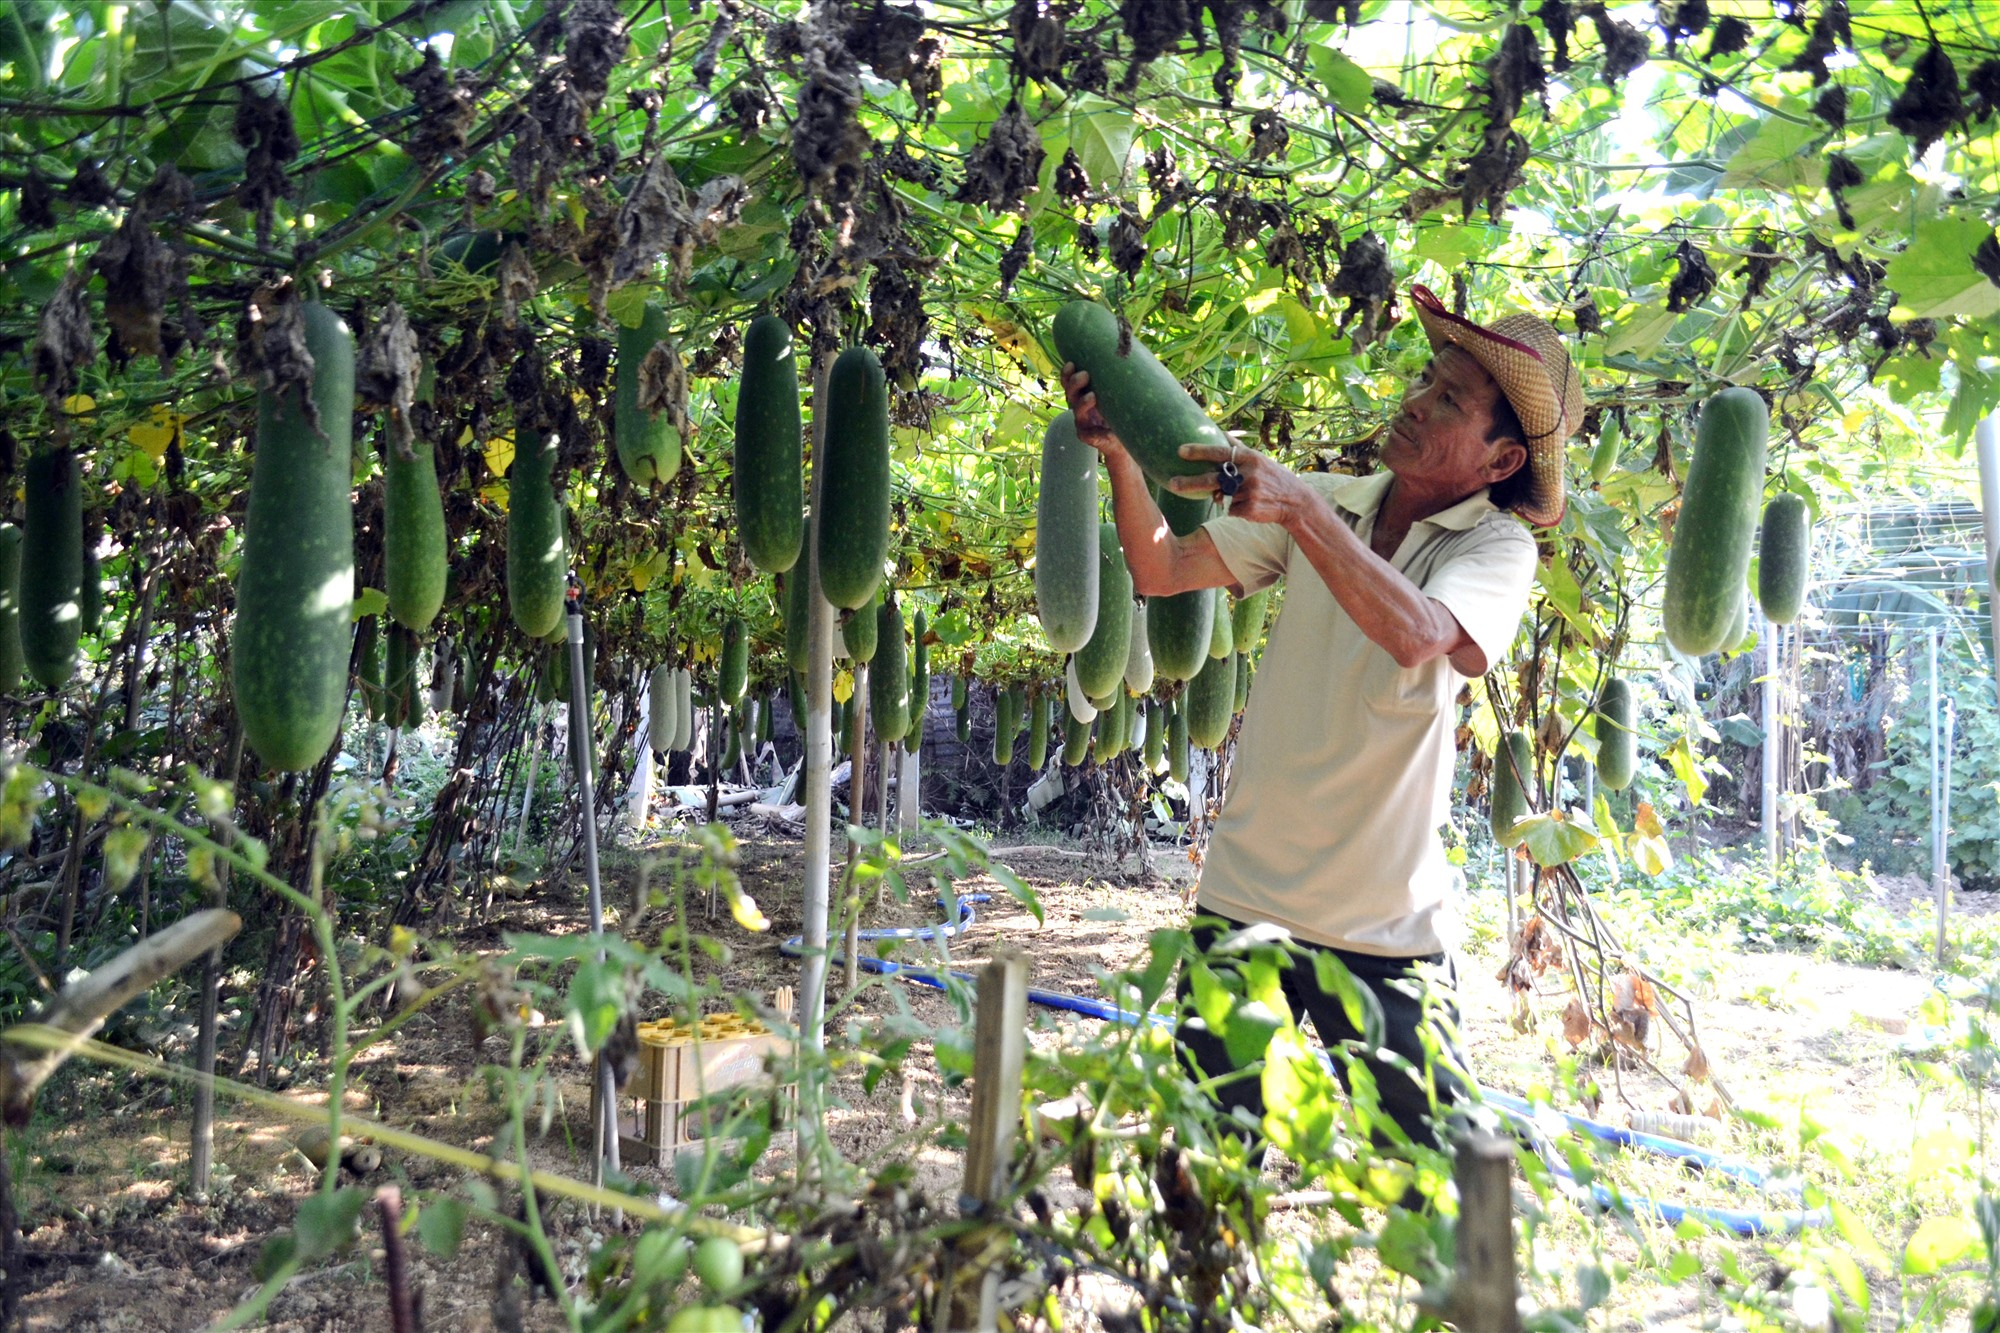 Người dân xã Đại Quang có nguồn thu nhập khá từ việc trồng bí đao trong các khu vườn mẫu. Ảnh: VĂN SỰ